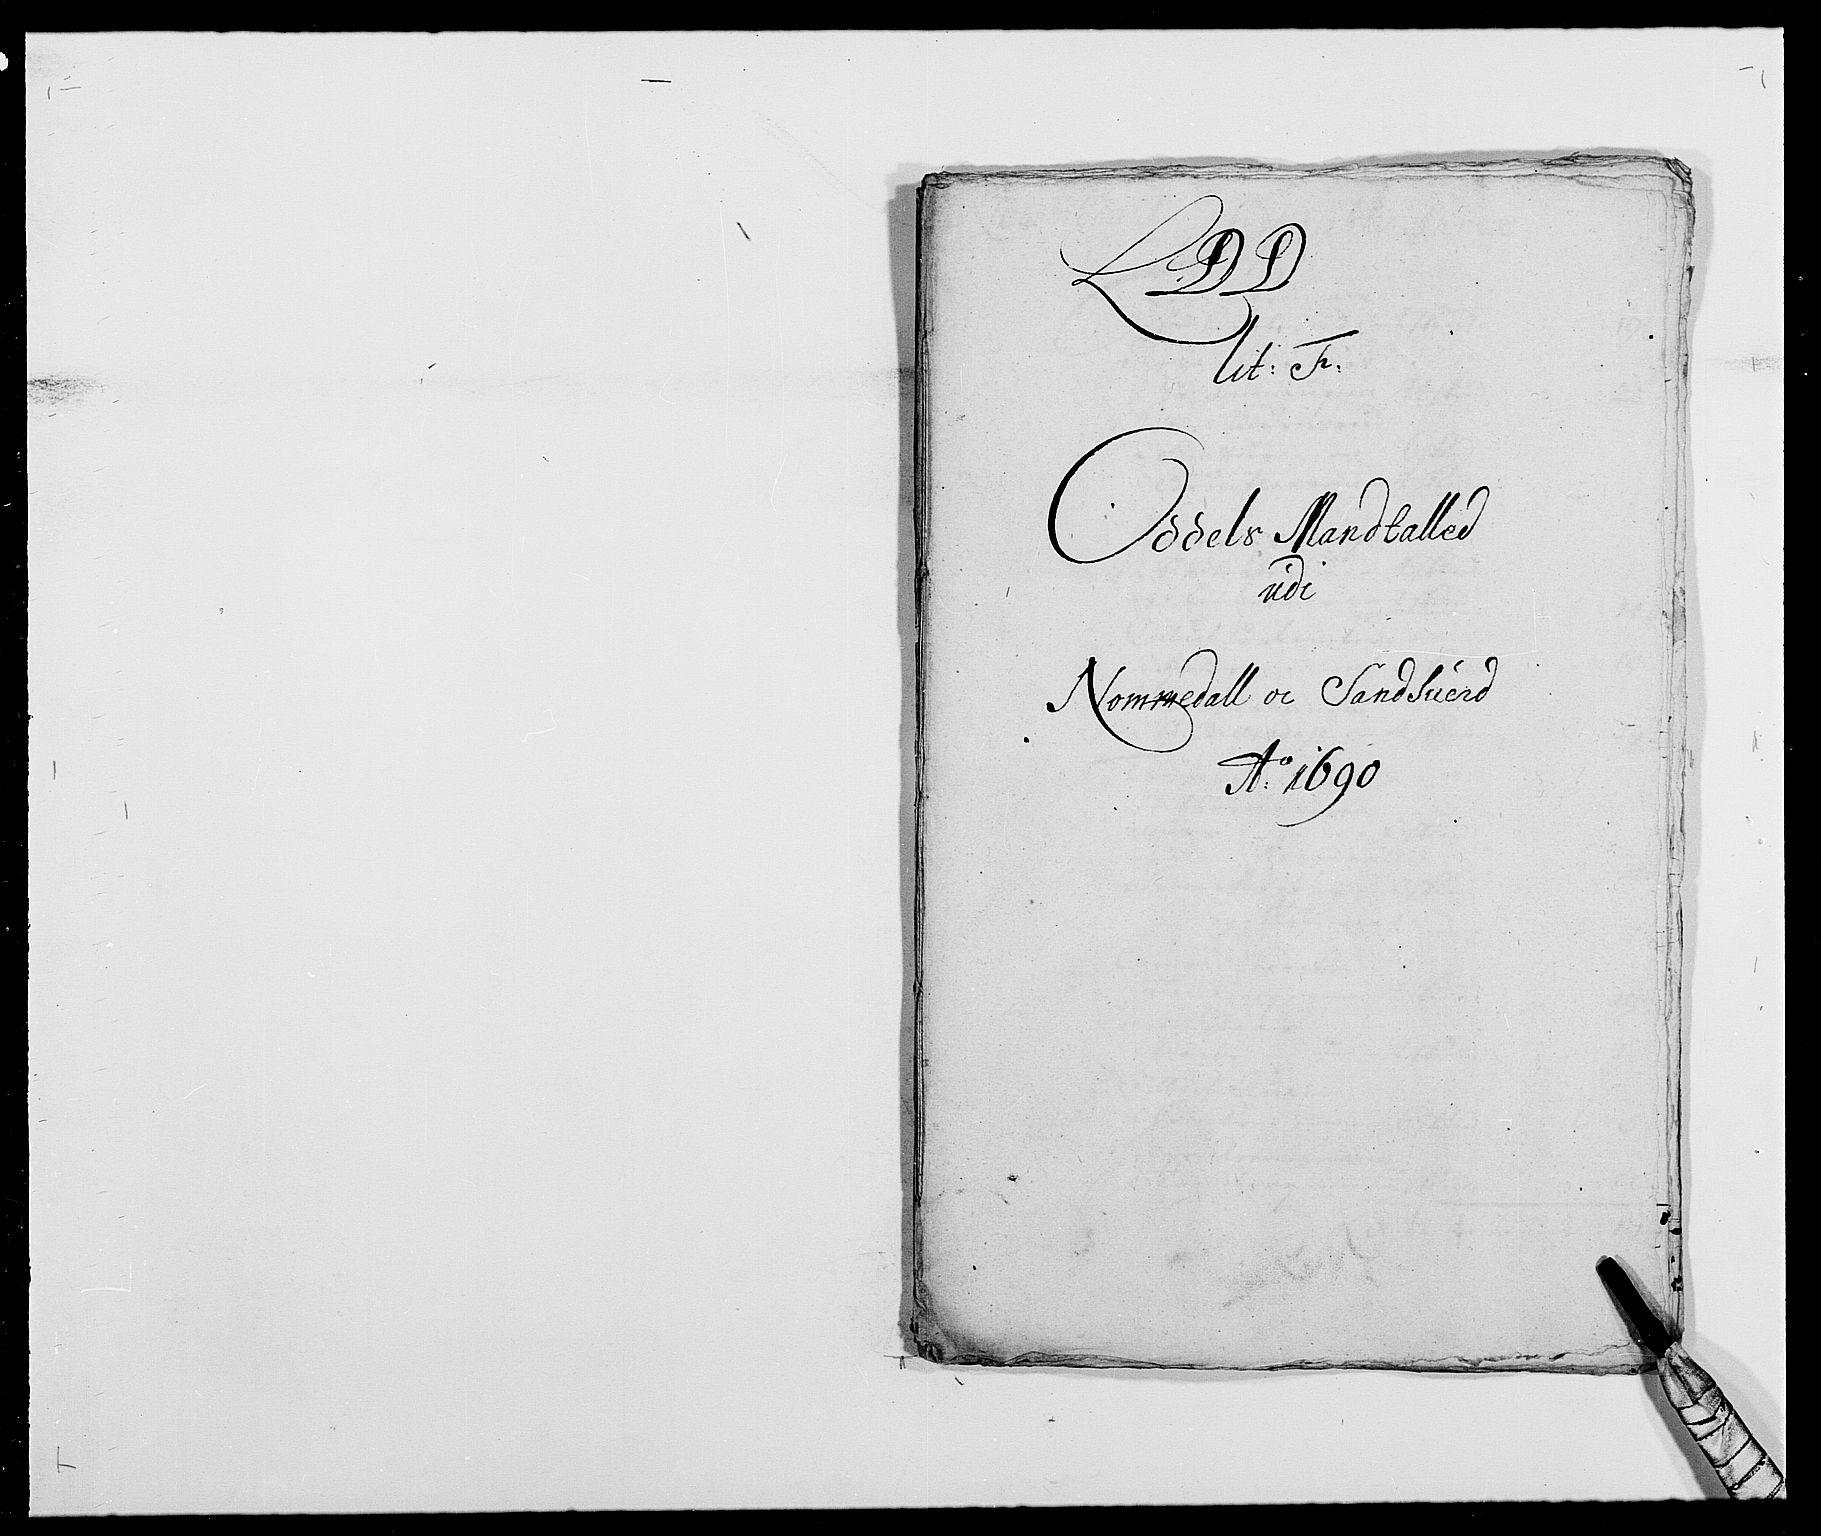 RA, Rentekammeret inntil 1814, Reviderte regnskaper, Fogderegnskap, R24/L1573: Fogderegnskap Numedal og Sandsvær, 1687-1691, s. 431